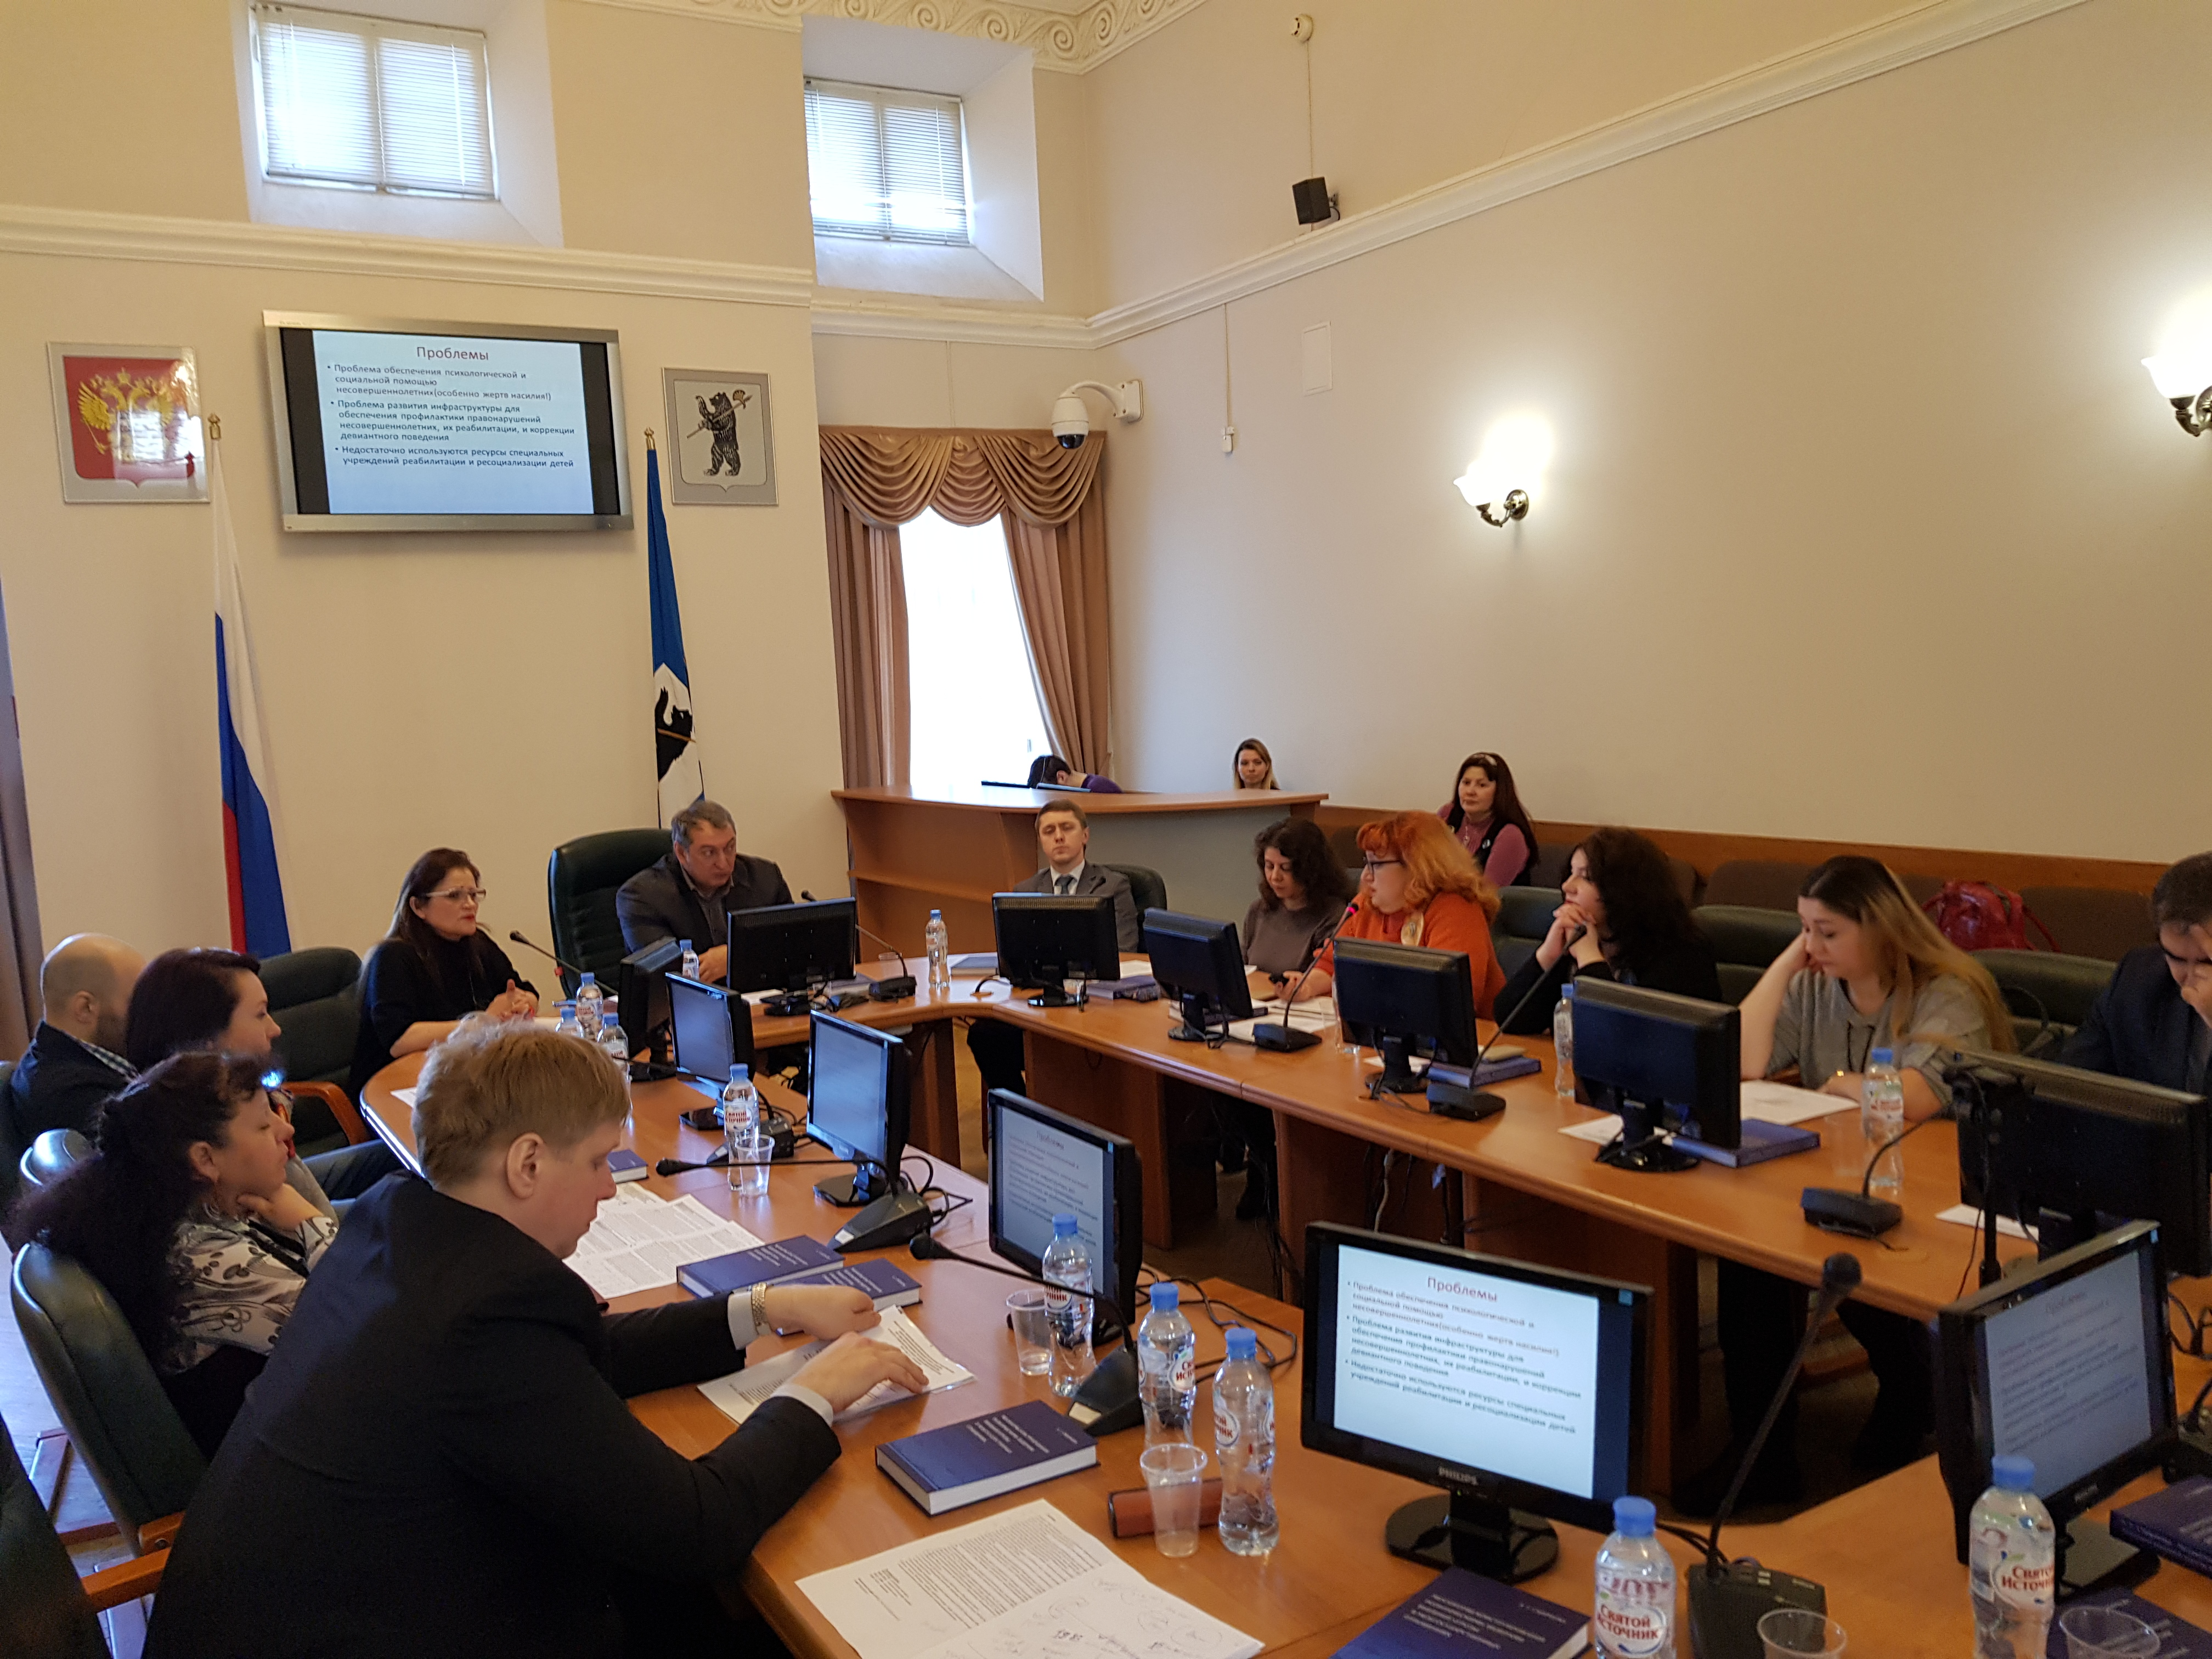 Социологи ЯрГУ приняли участие в круглом столе «Актуальные вопросы по противодействию коррупции» в мэрии г. Ярославля